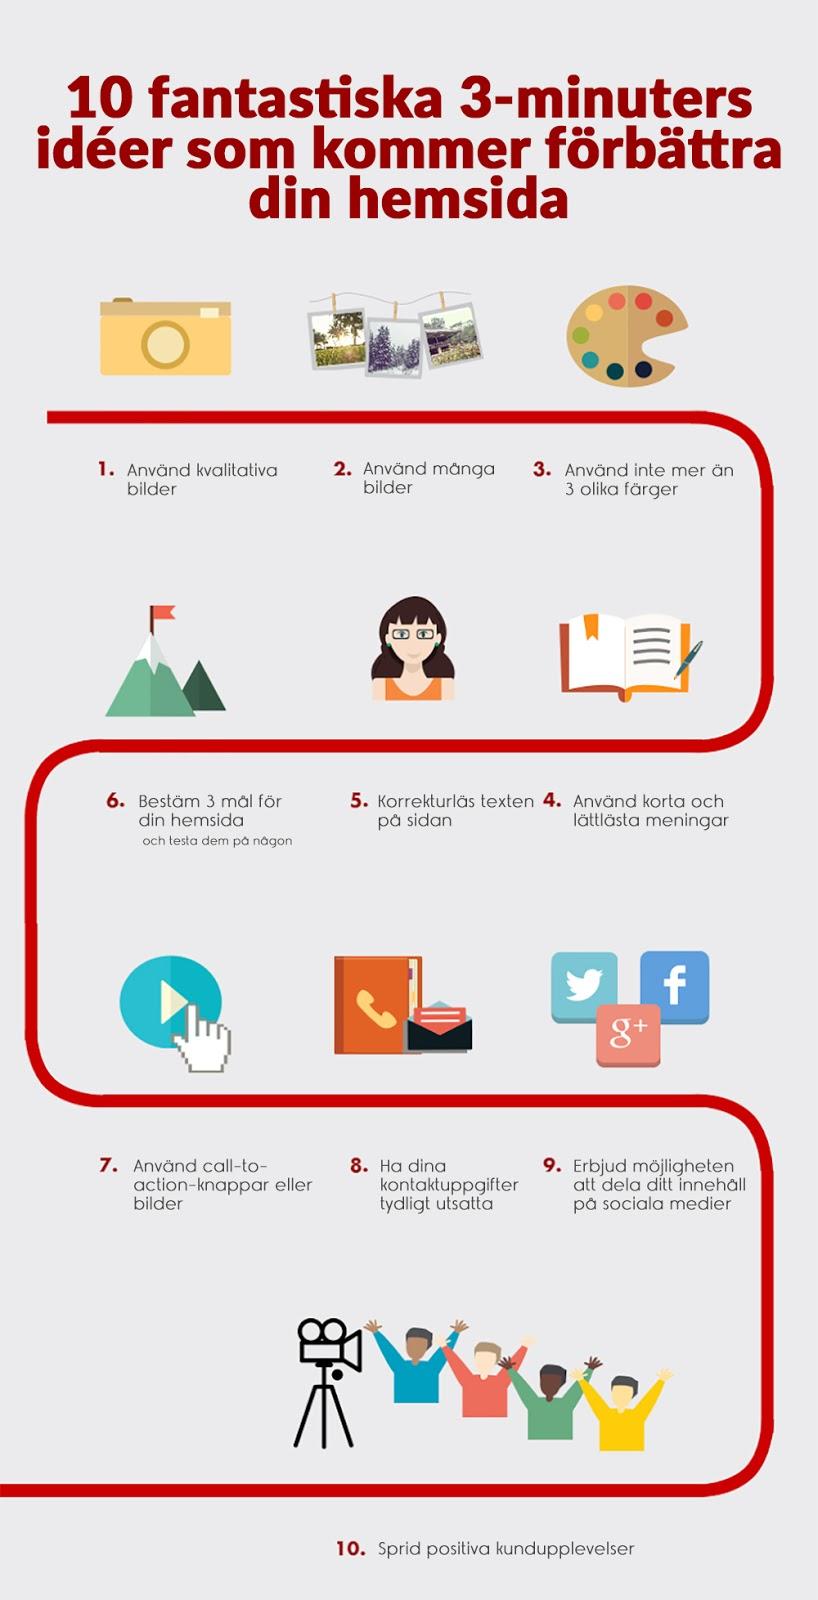 10 fantastiska 3-minuters idéer som kommer förbättra din hemsida